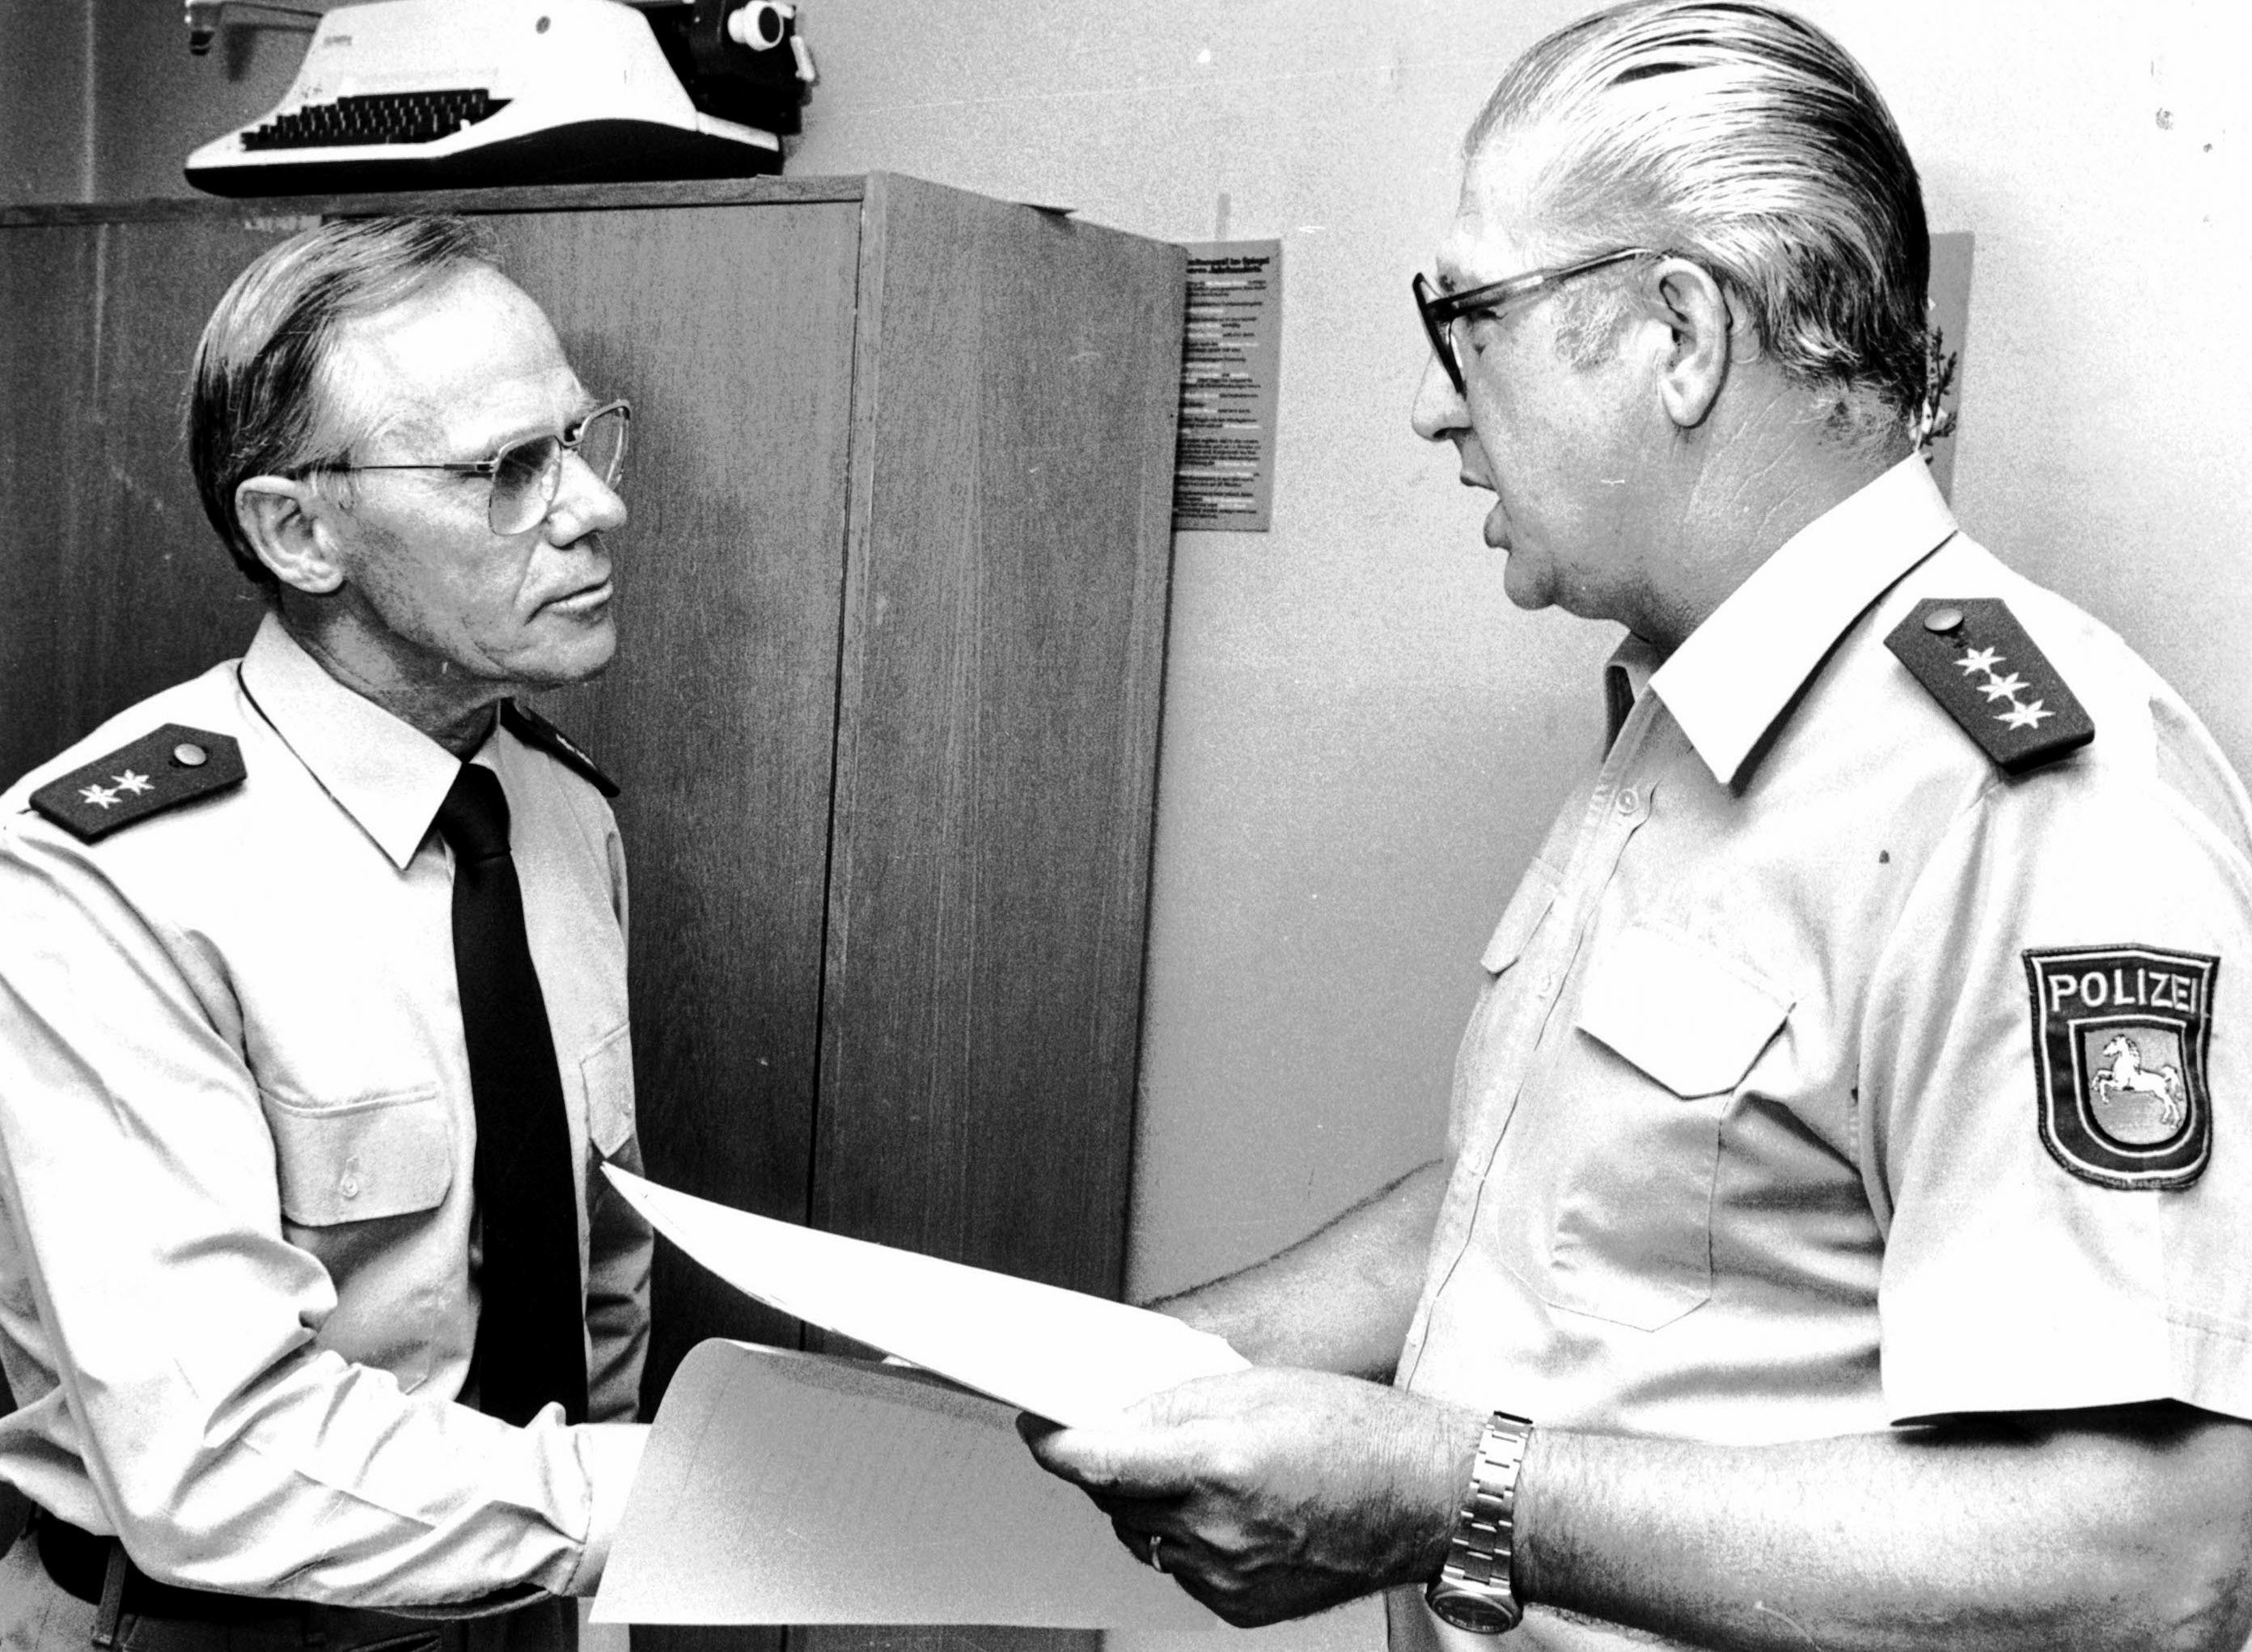 Mein Dienststellenleiter, EPHK Lohmann, übergibt mir meine Pensionierungsurkunde. Das Foto mit einem kurzen Lebenslauf erschien damals in der Zeitung.